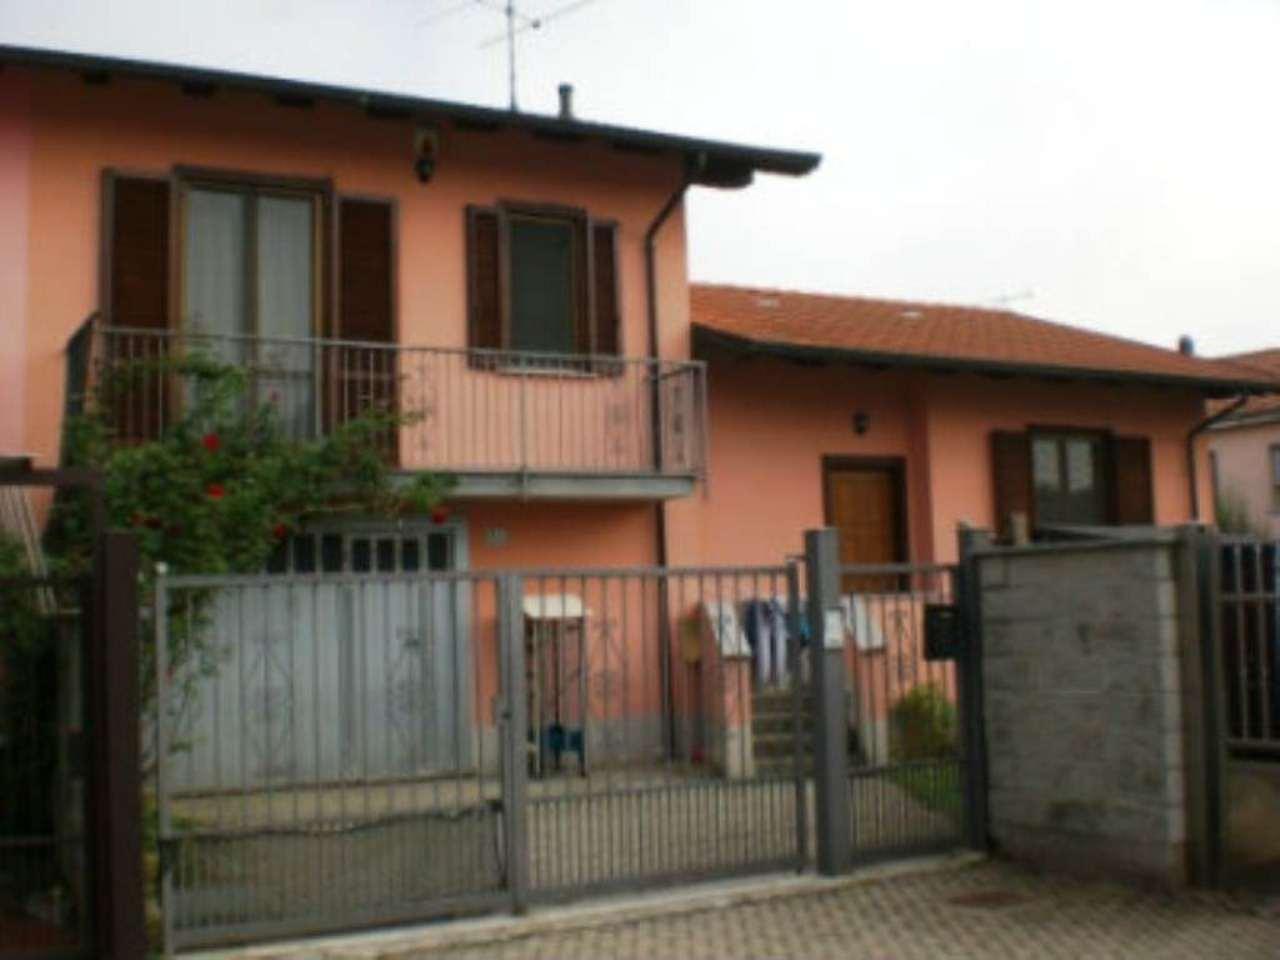 Villa Bifamiliare in vendita a Garlasco, 5 locali, prezzo € 170.000 | Cambio Casa.it